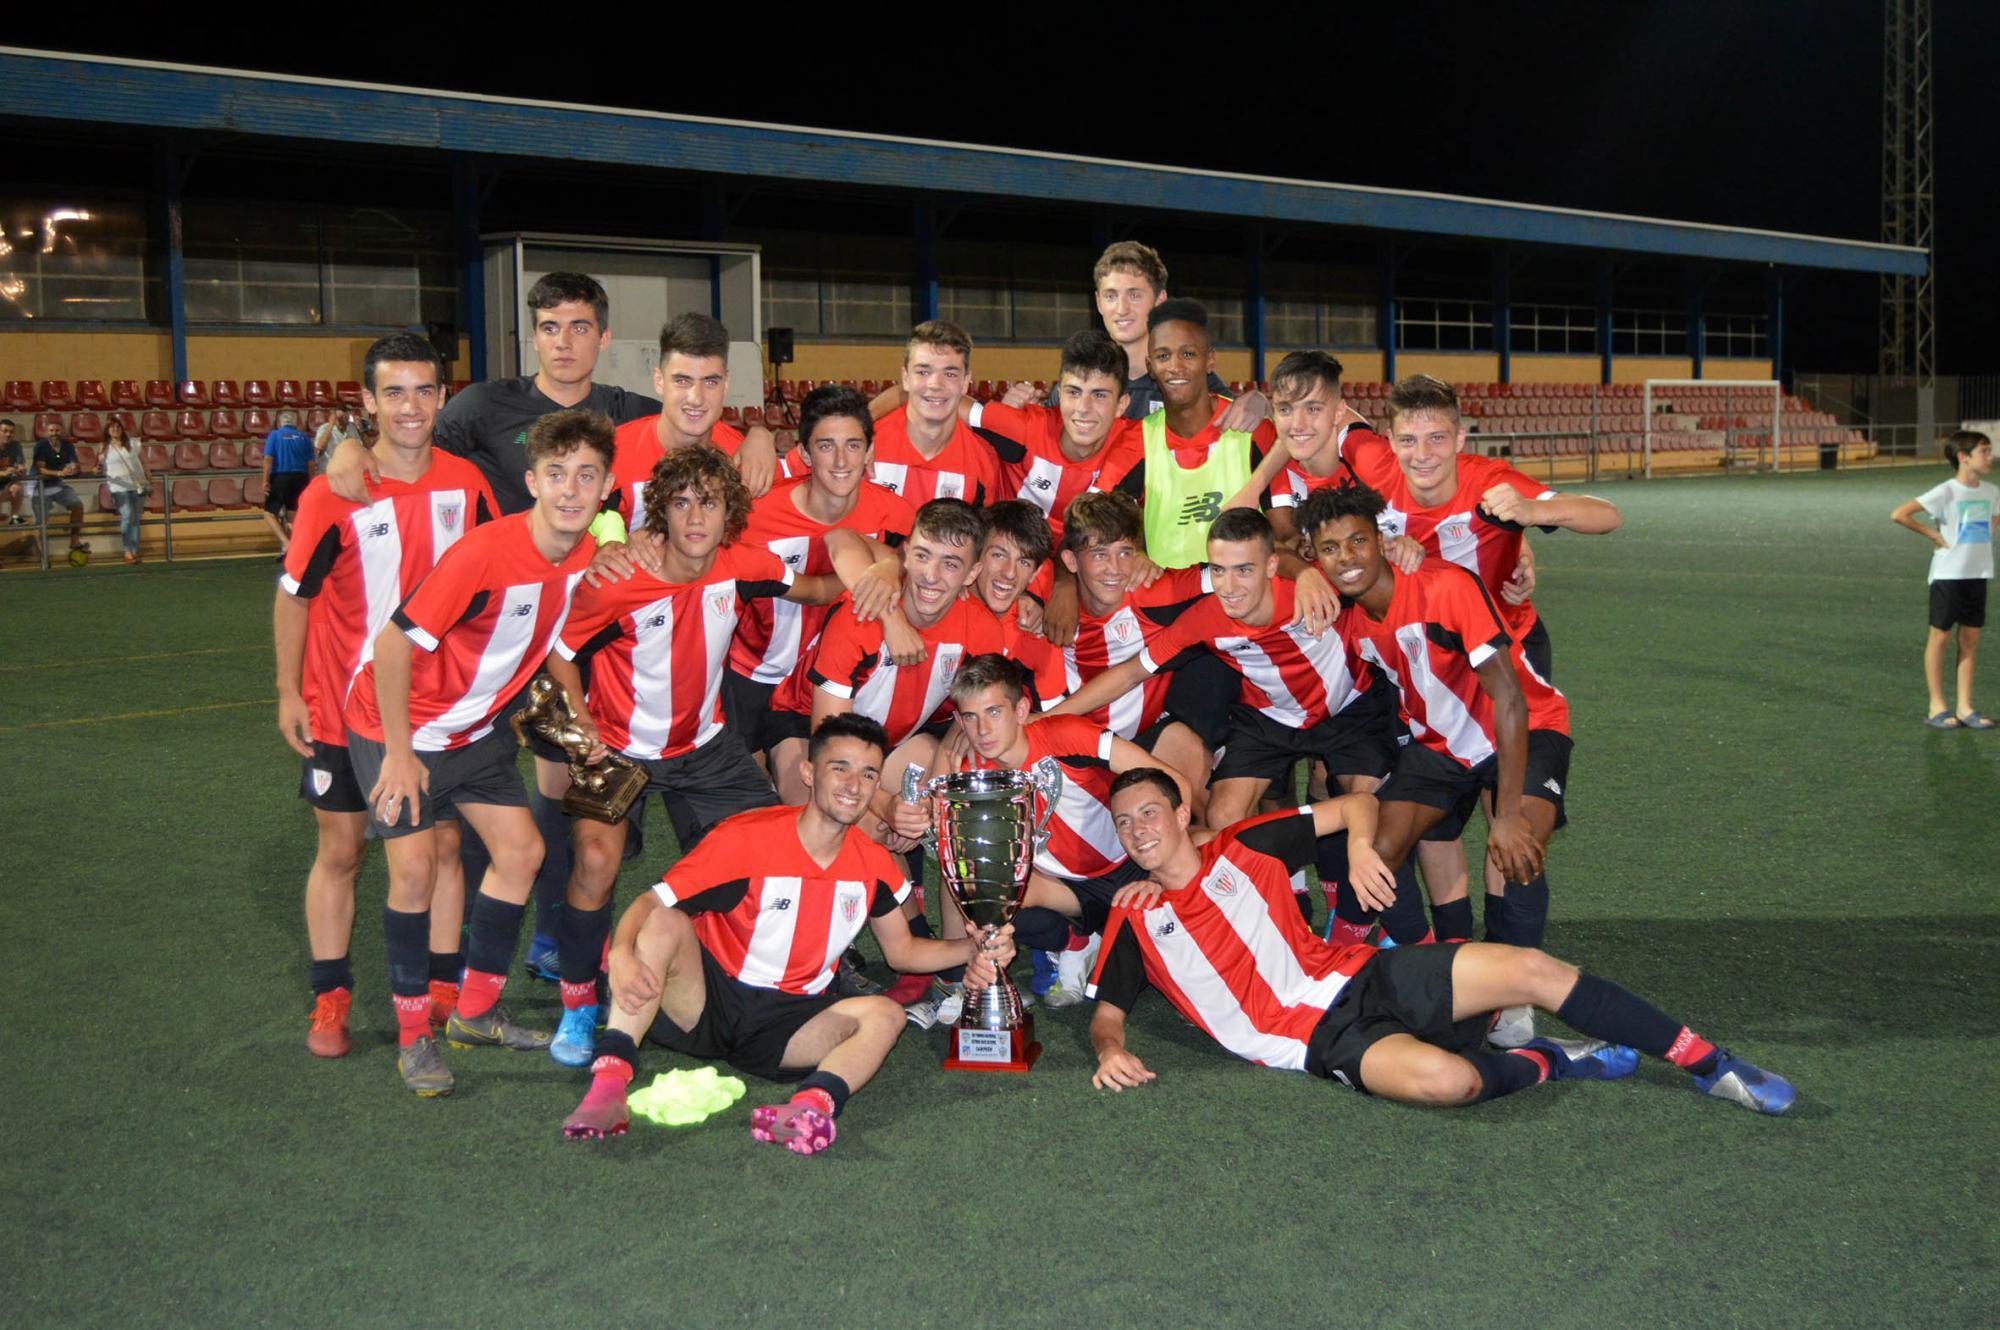 Los cachorros del Athletic de Bilbao ganan el VII Torneo de Fútbol Juvenil